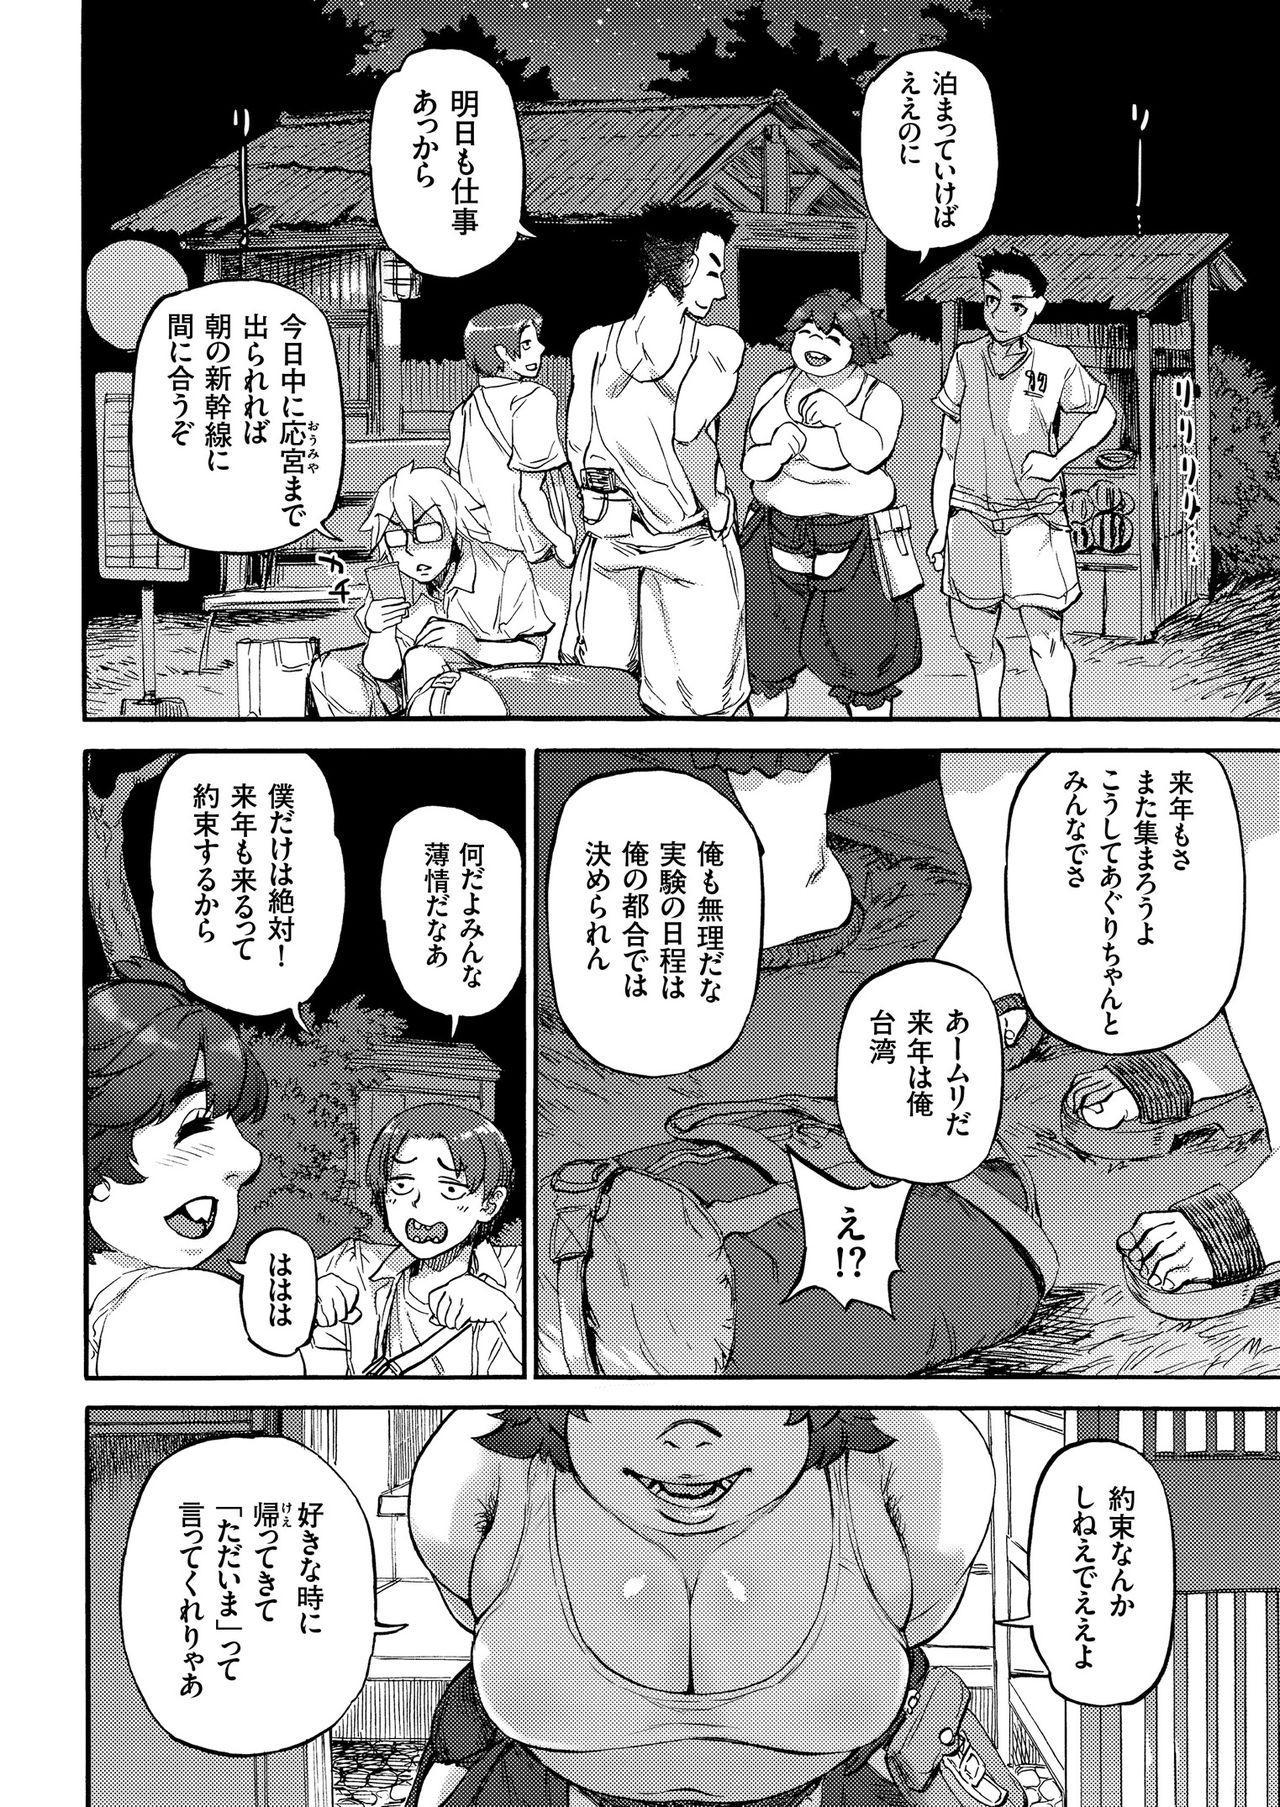 COMIC KURiBERON 2018-11 Vol. 73 169